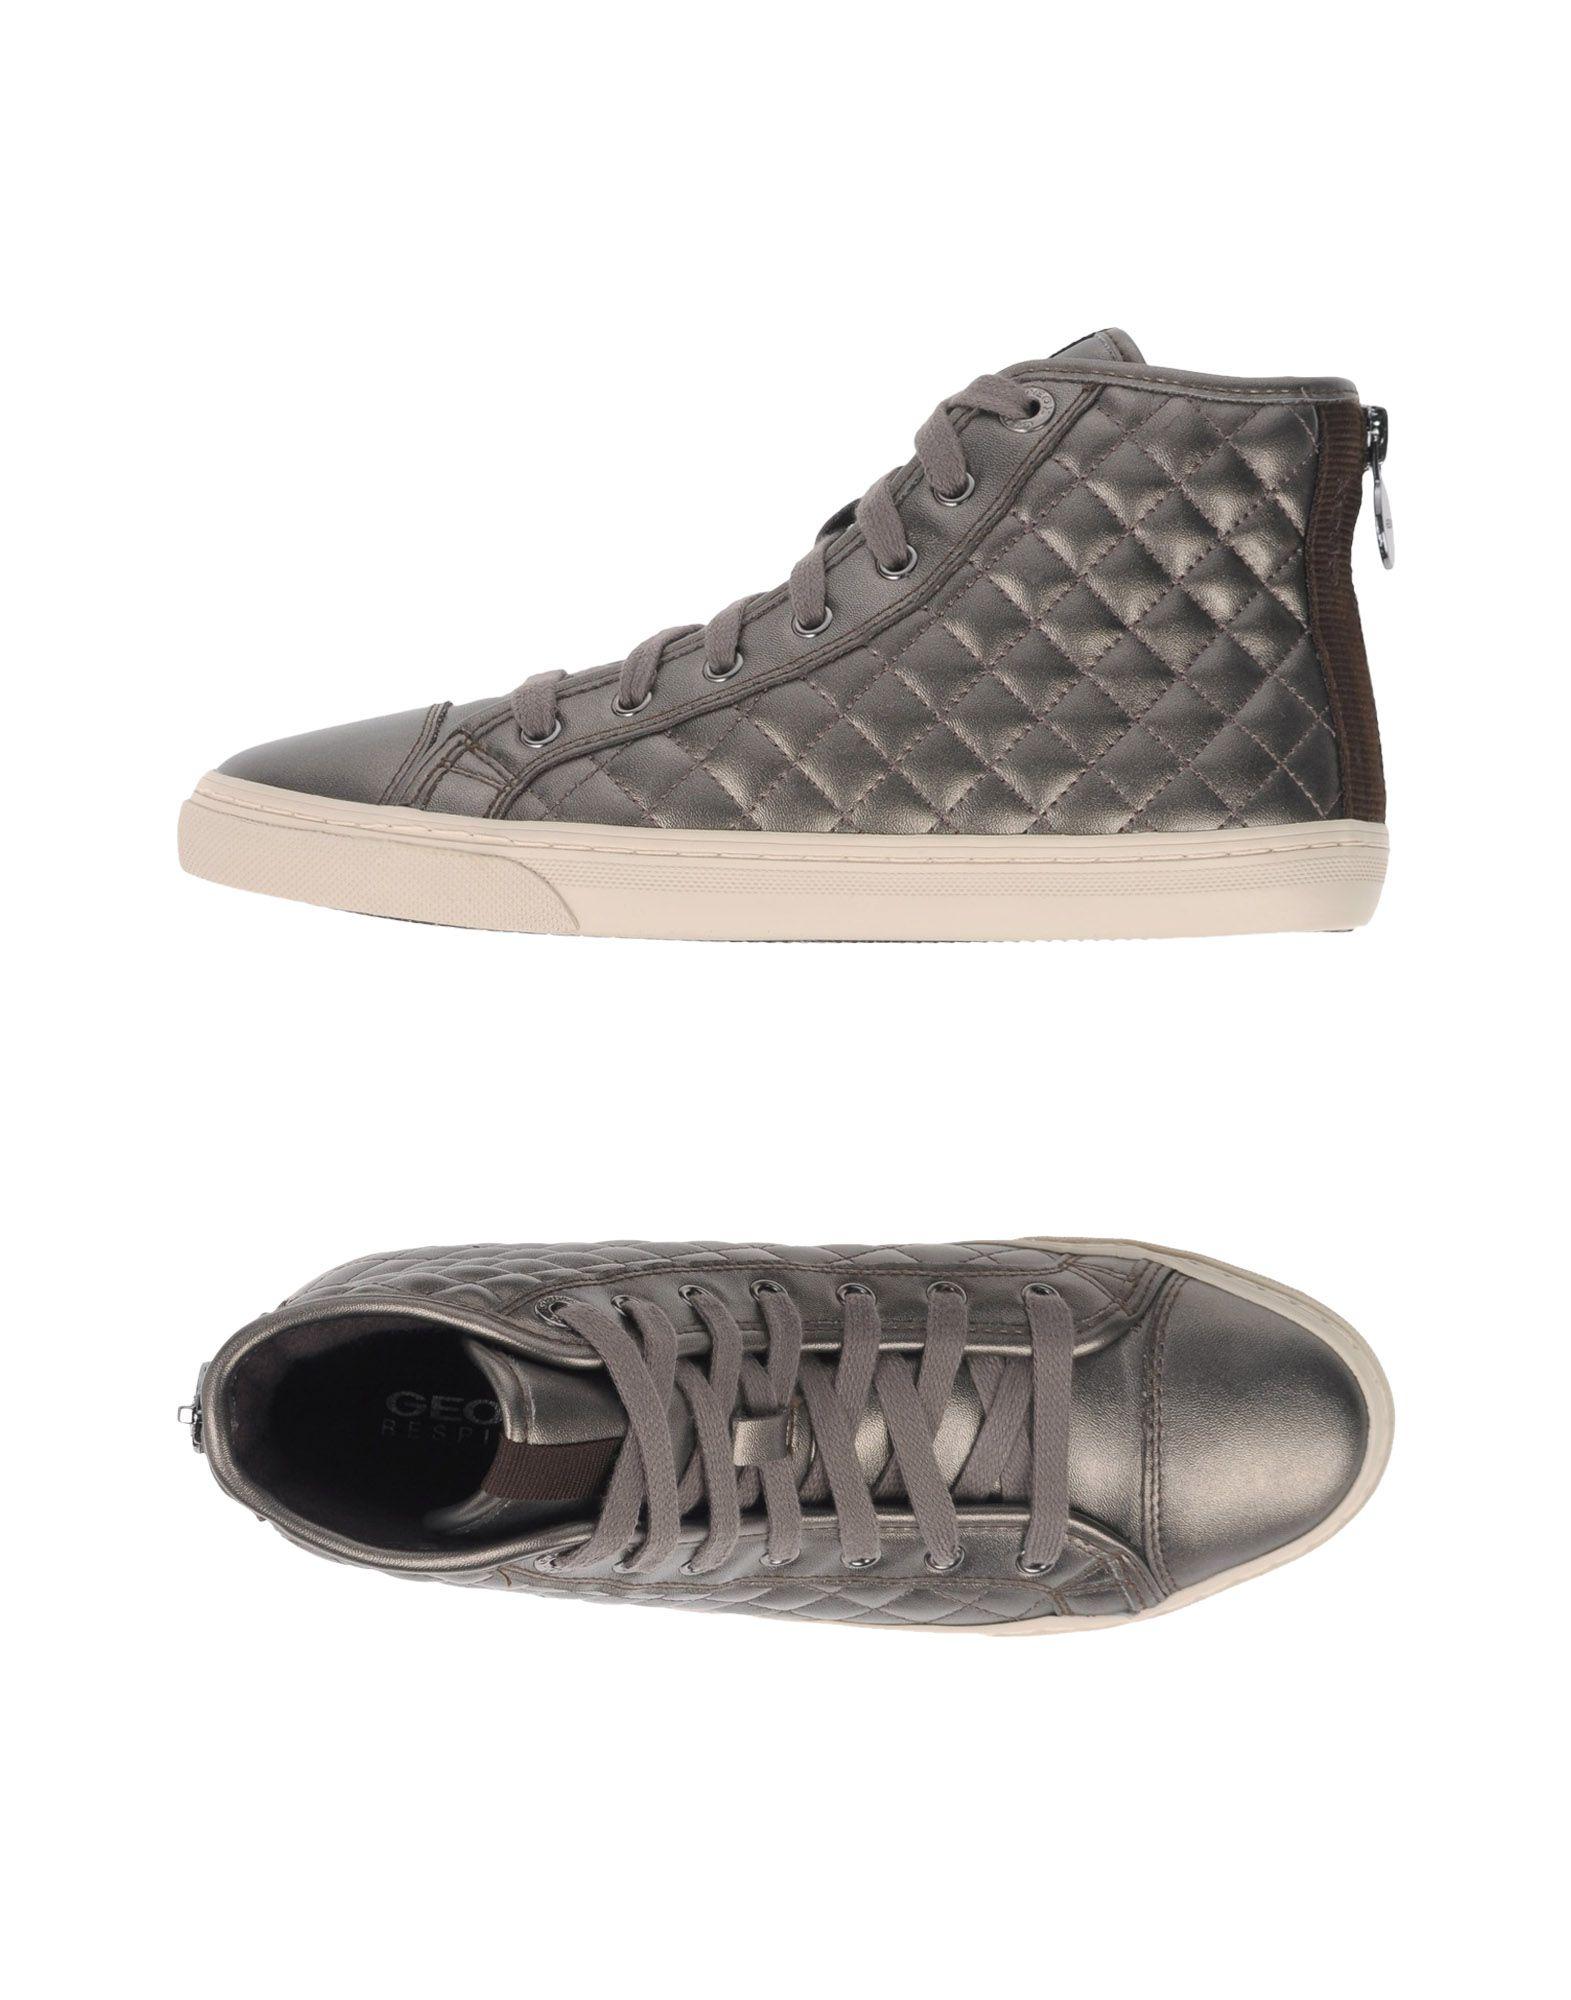 Geox Sneakers Damen  beliebte 11083912VW Gute Qualität beliebte  Schuhe 326a3b